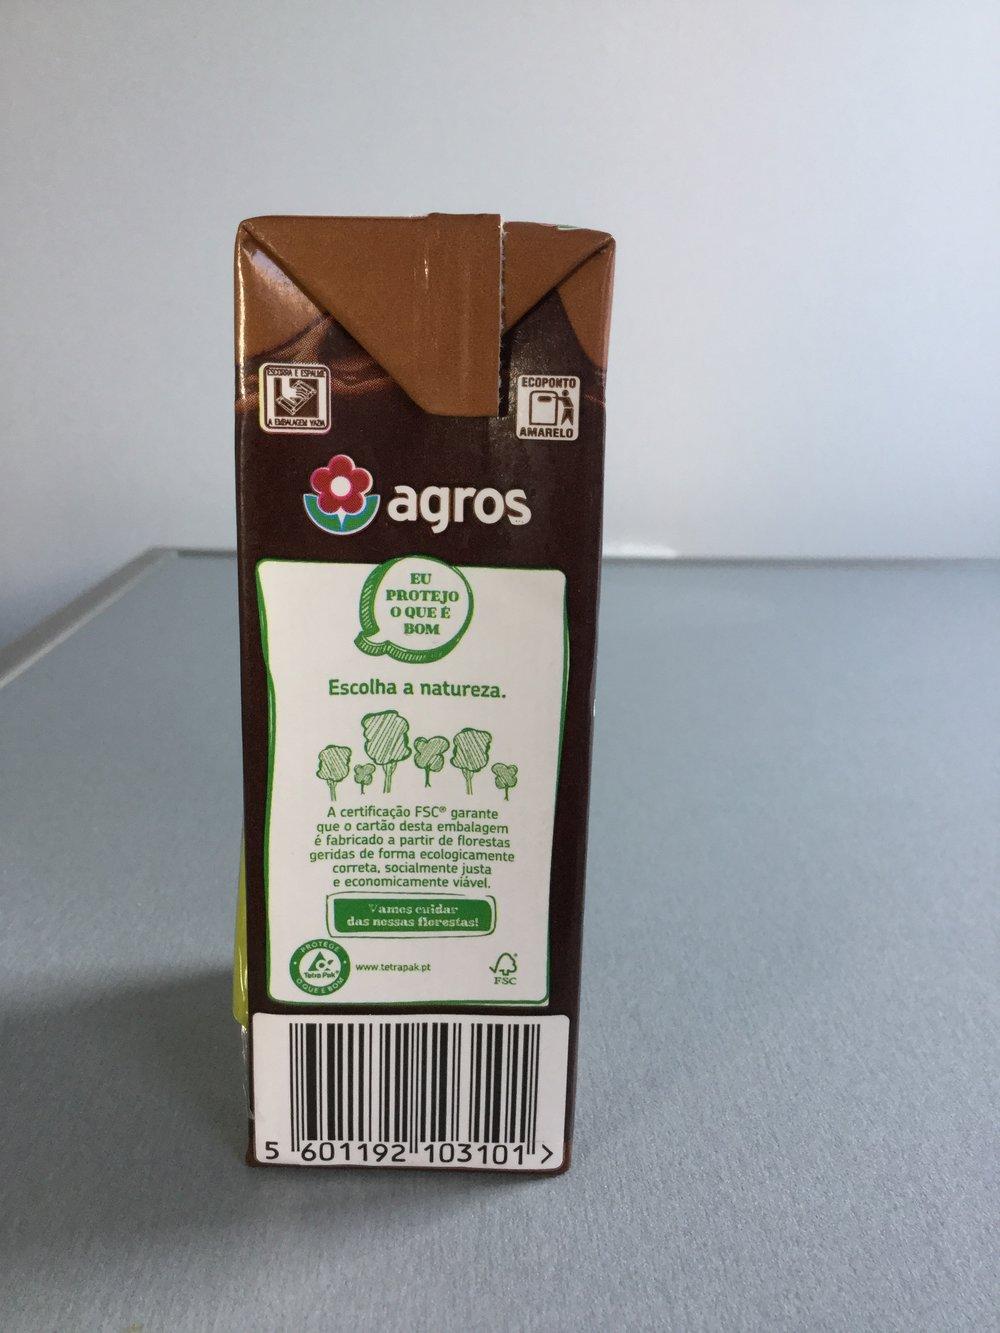 Agros Leite Com Chocolate Side 2